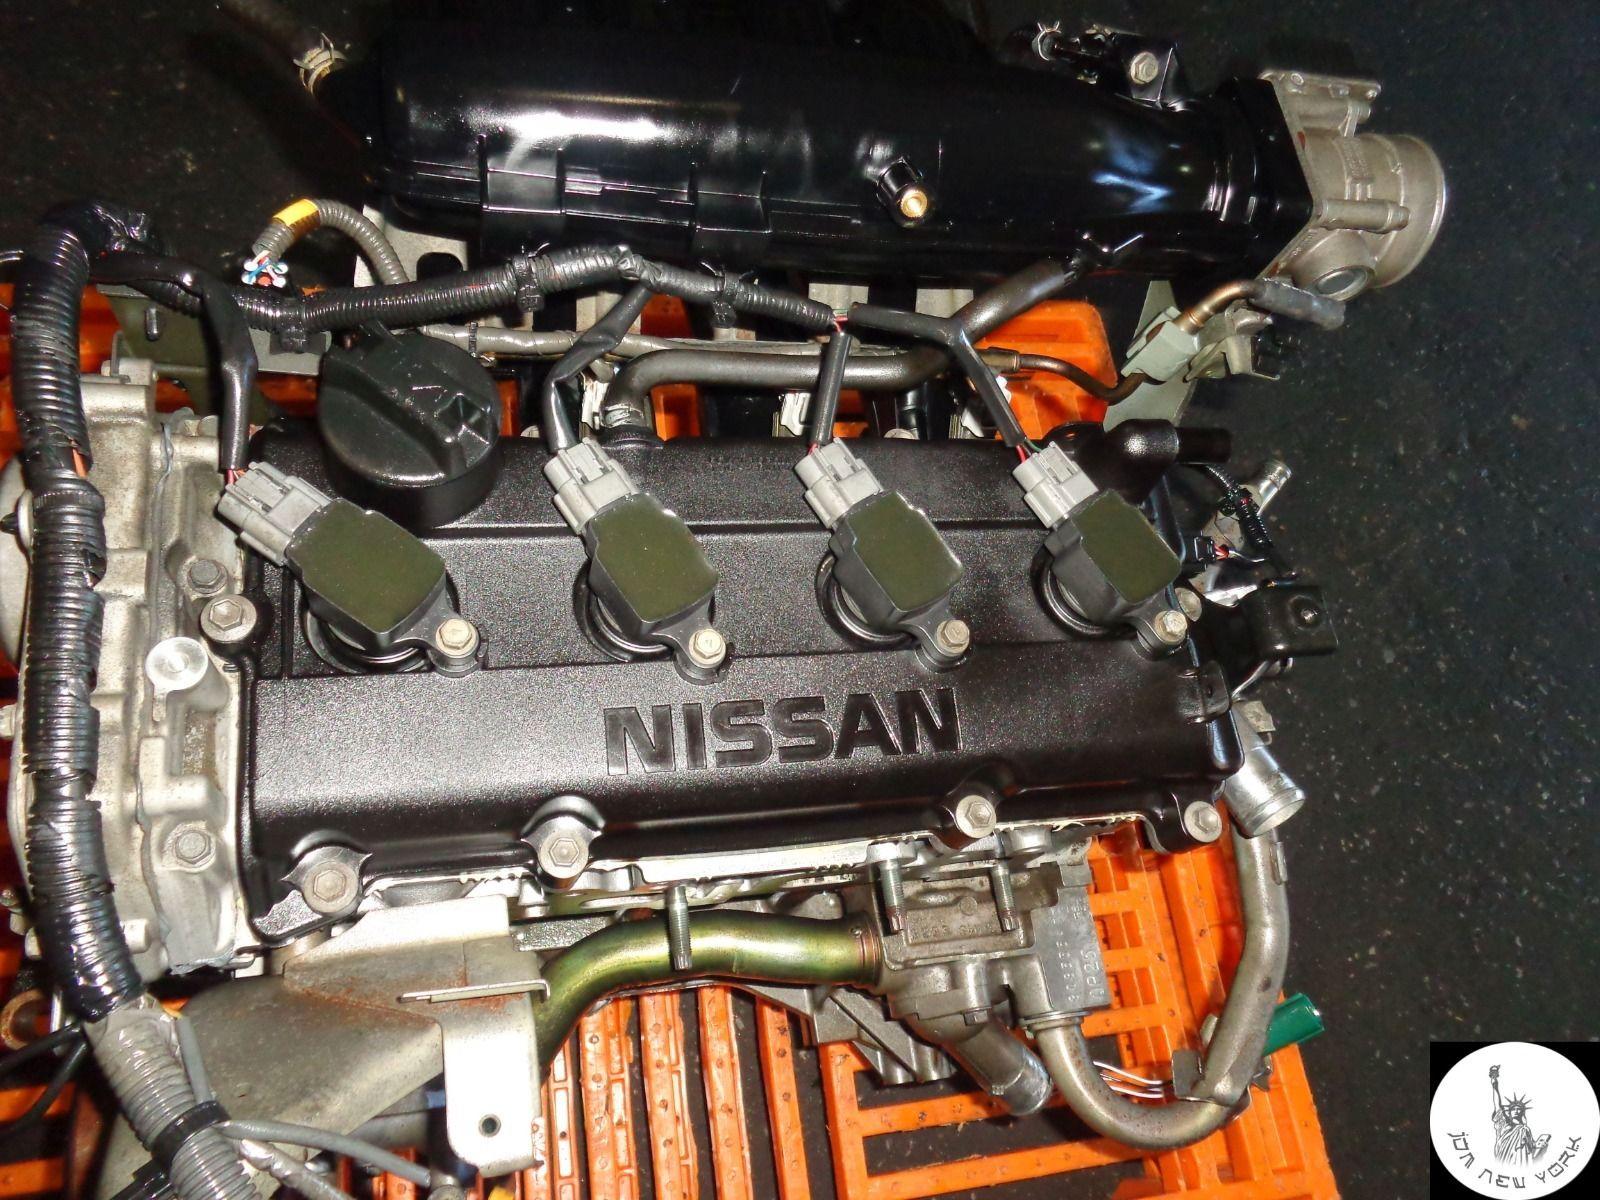 2002 2005 Nissan Sentra Se R Spec V 2 5l Dohc 4 Cyl Engine Jdm Qr25de Jdm New York